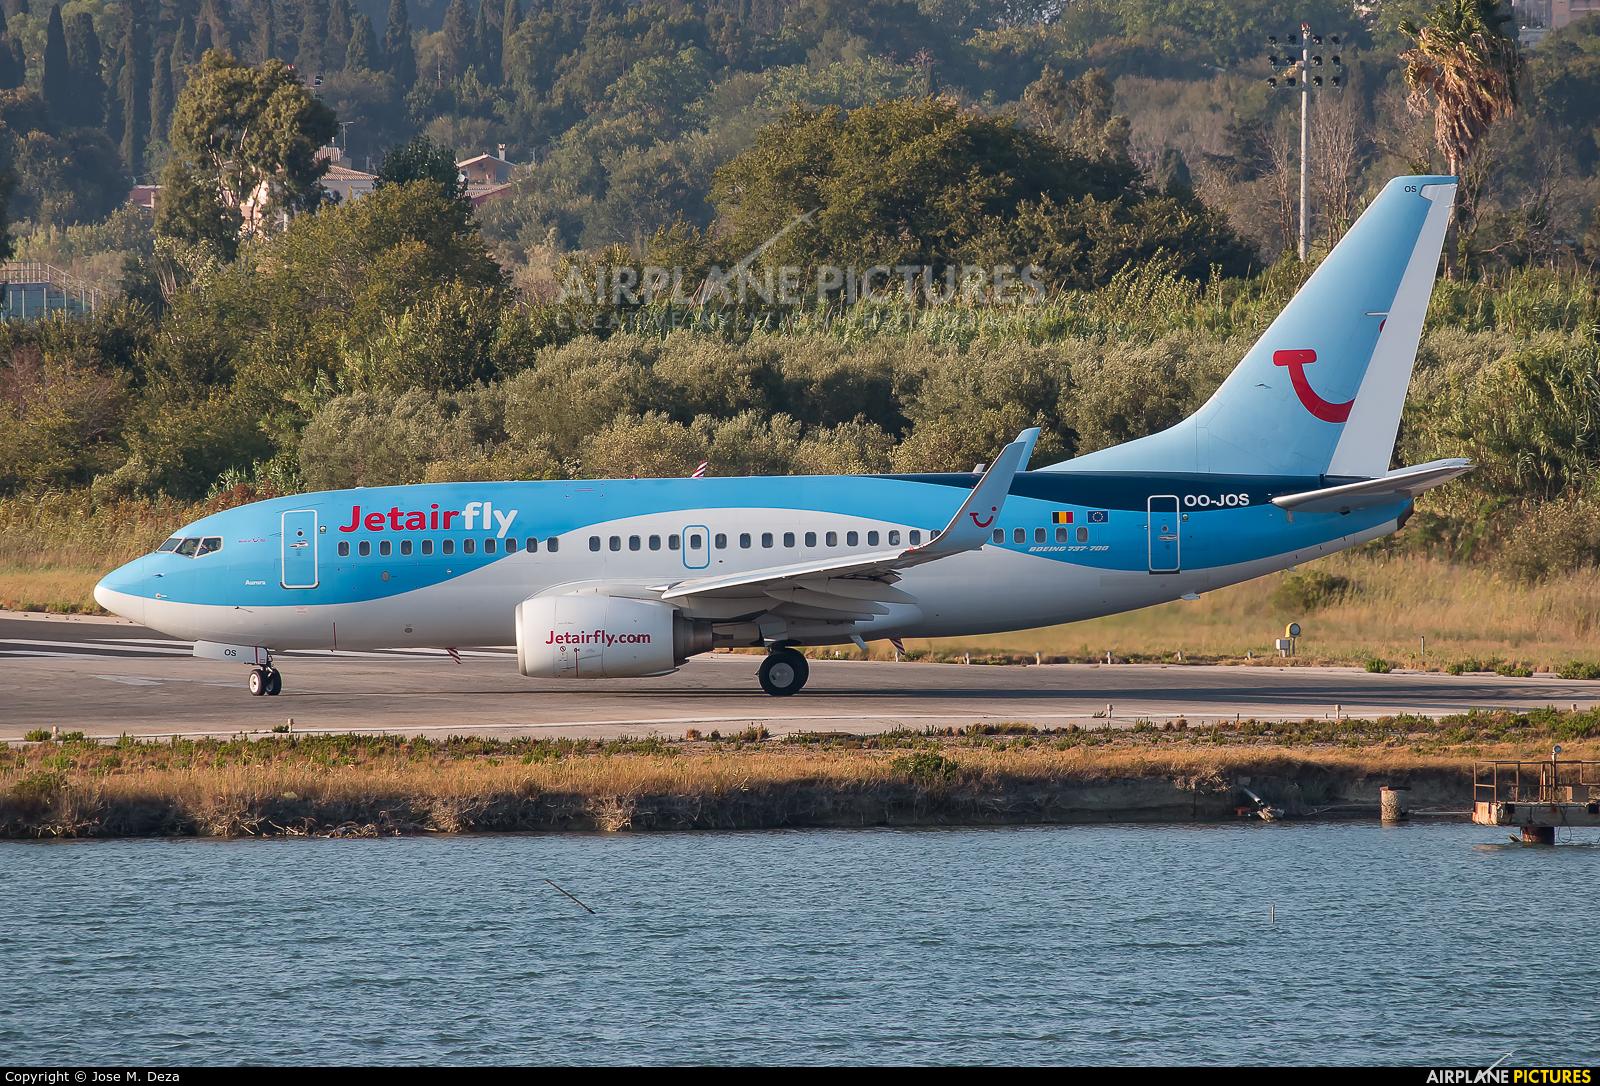 Jetairfly (TUI Airlines Belgium) OO-JOS aircraft at Corfu - Ioannis Kapodistrias